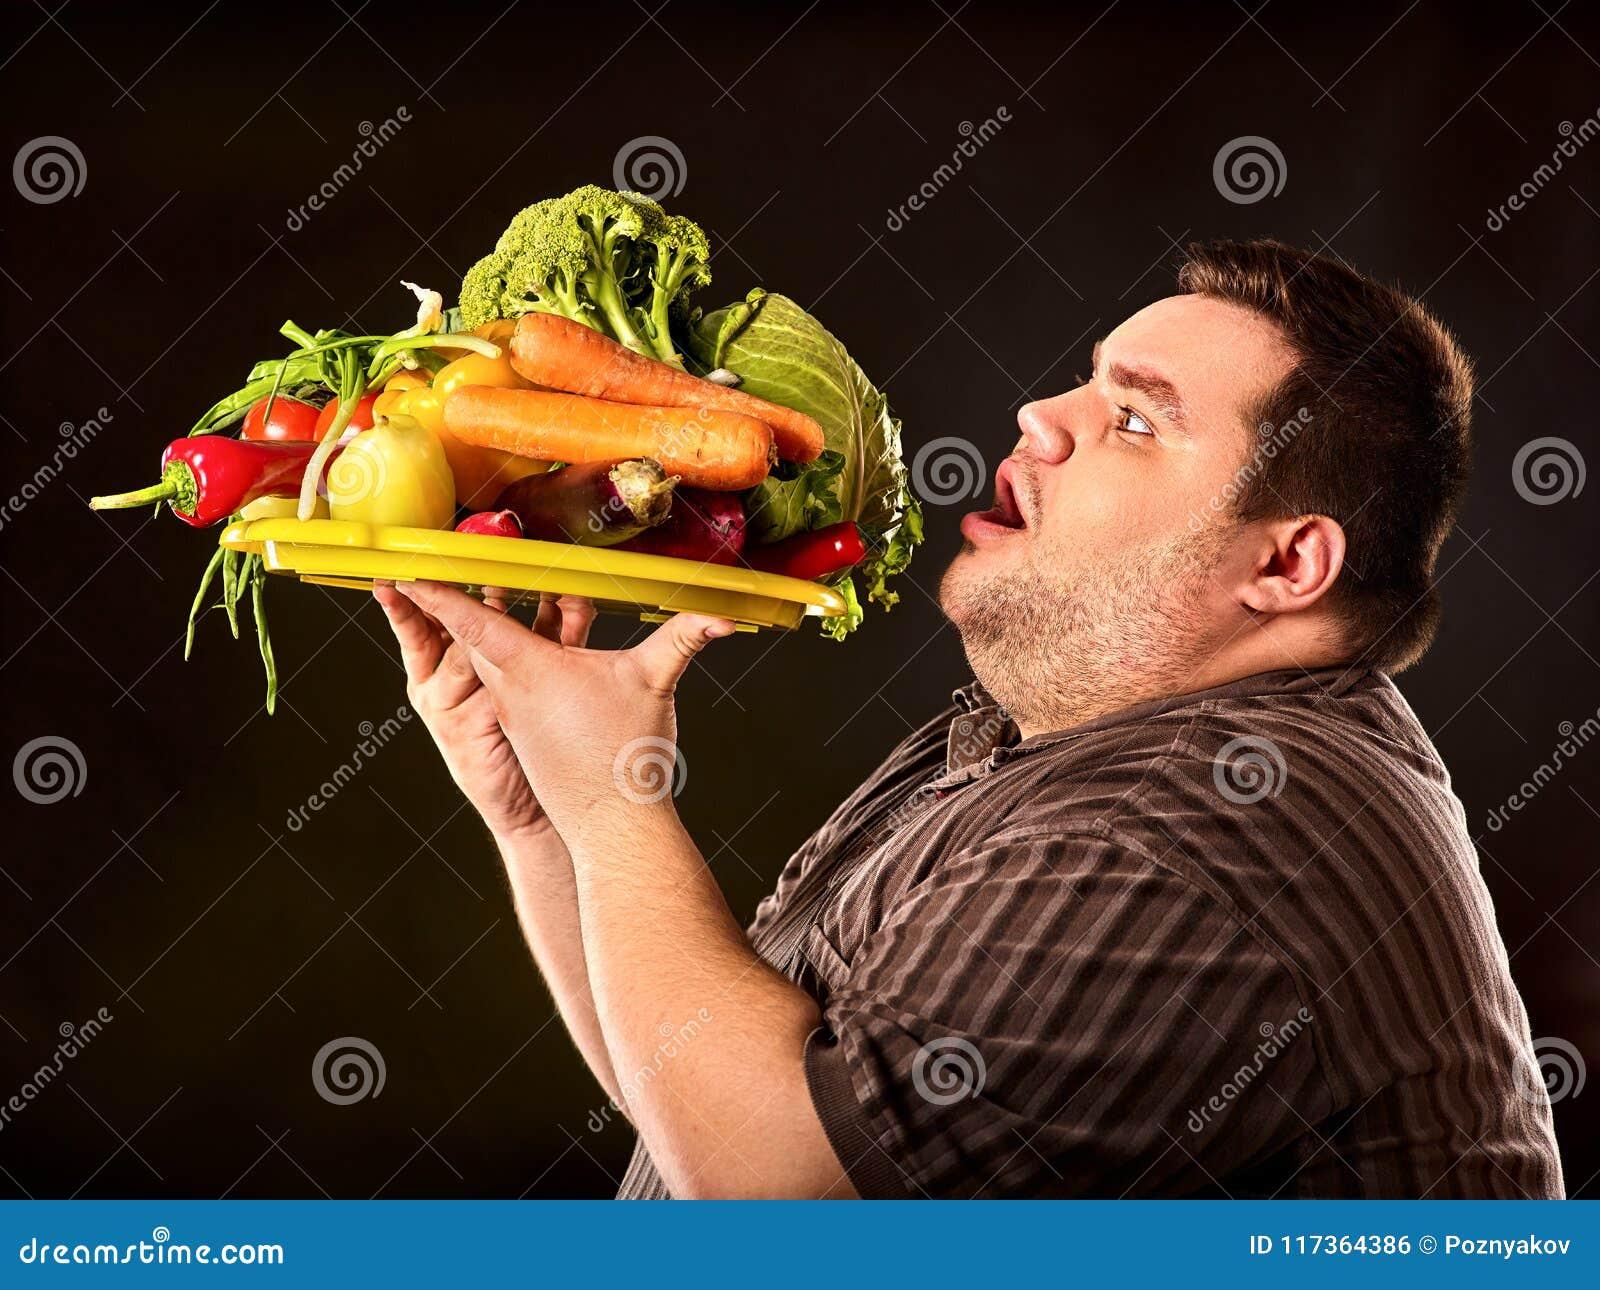 Dieet vette mens die gezond voedsel eten Gezond Ontbijt met groenten